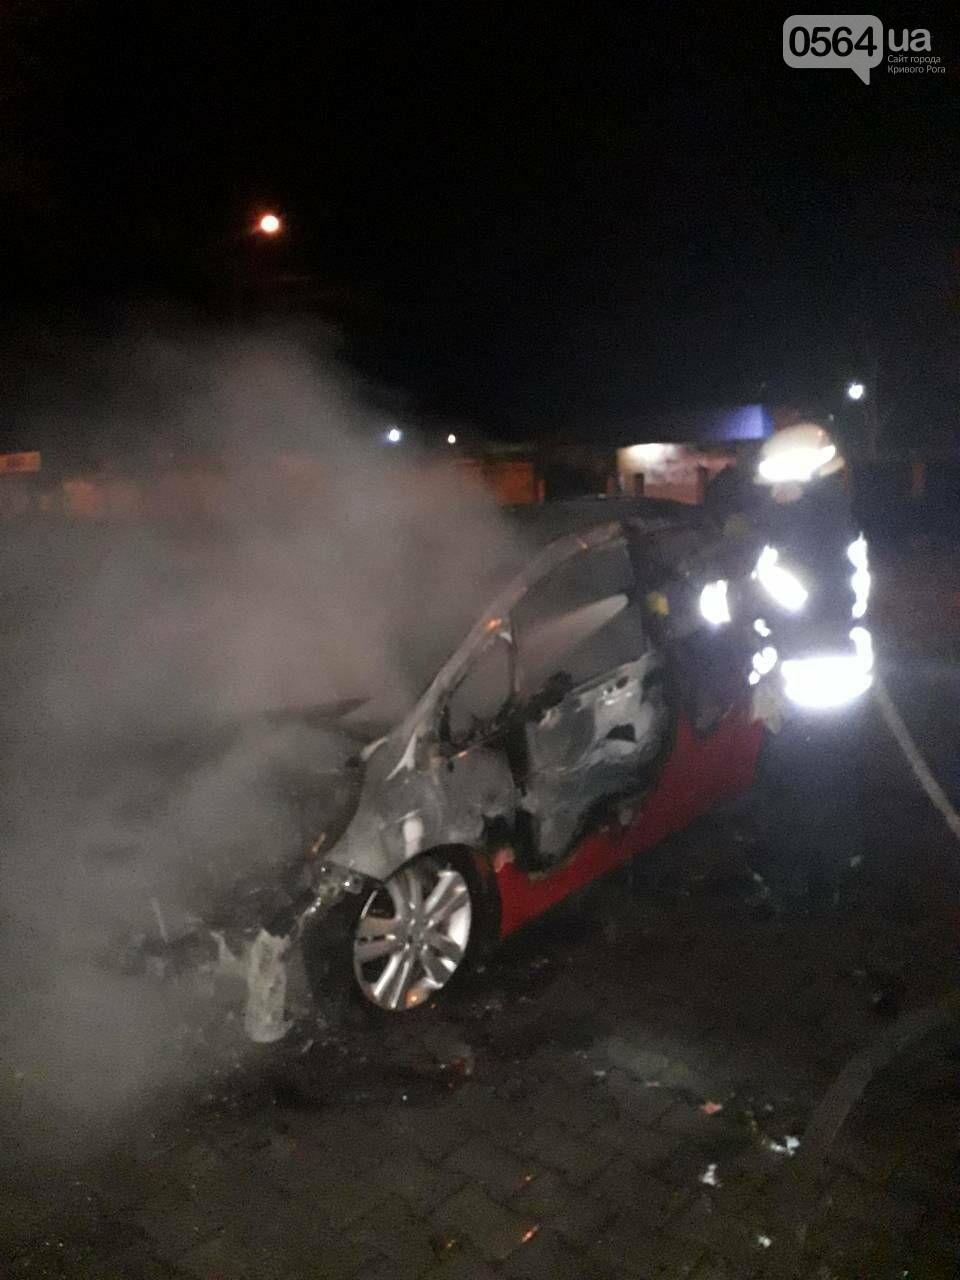 В Кривом Роге сгорела иномарка. Под соседним авто найдены улики возможного поджога (ФОТО) , фото-4